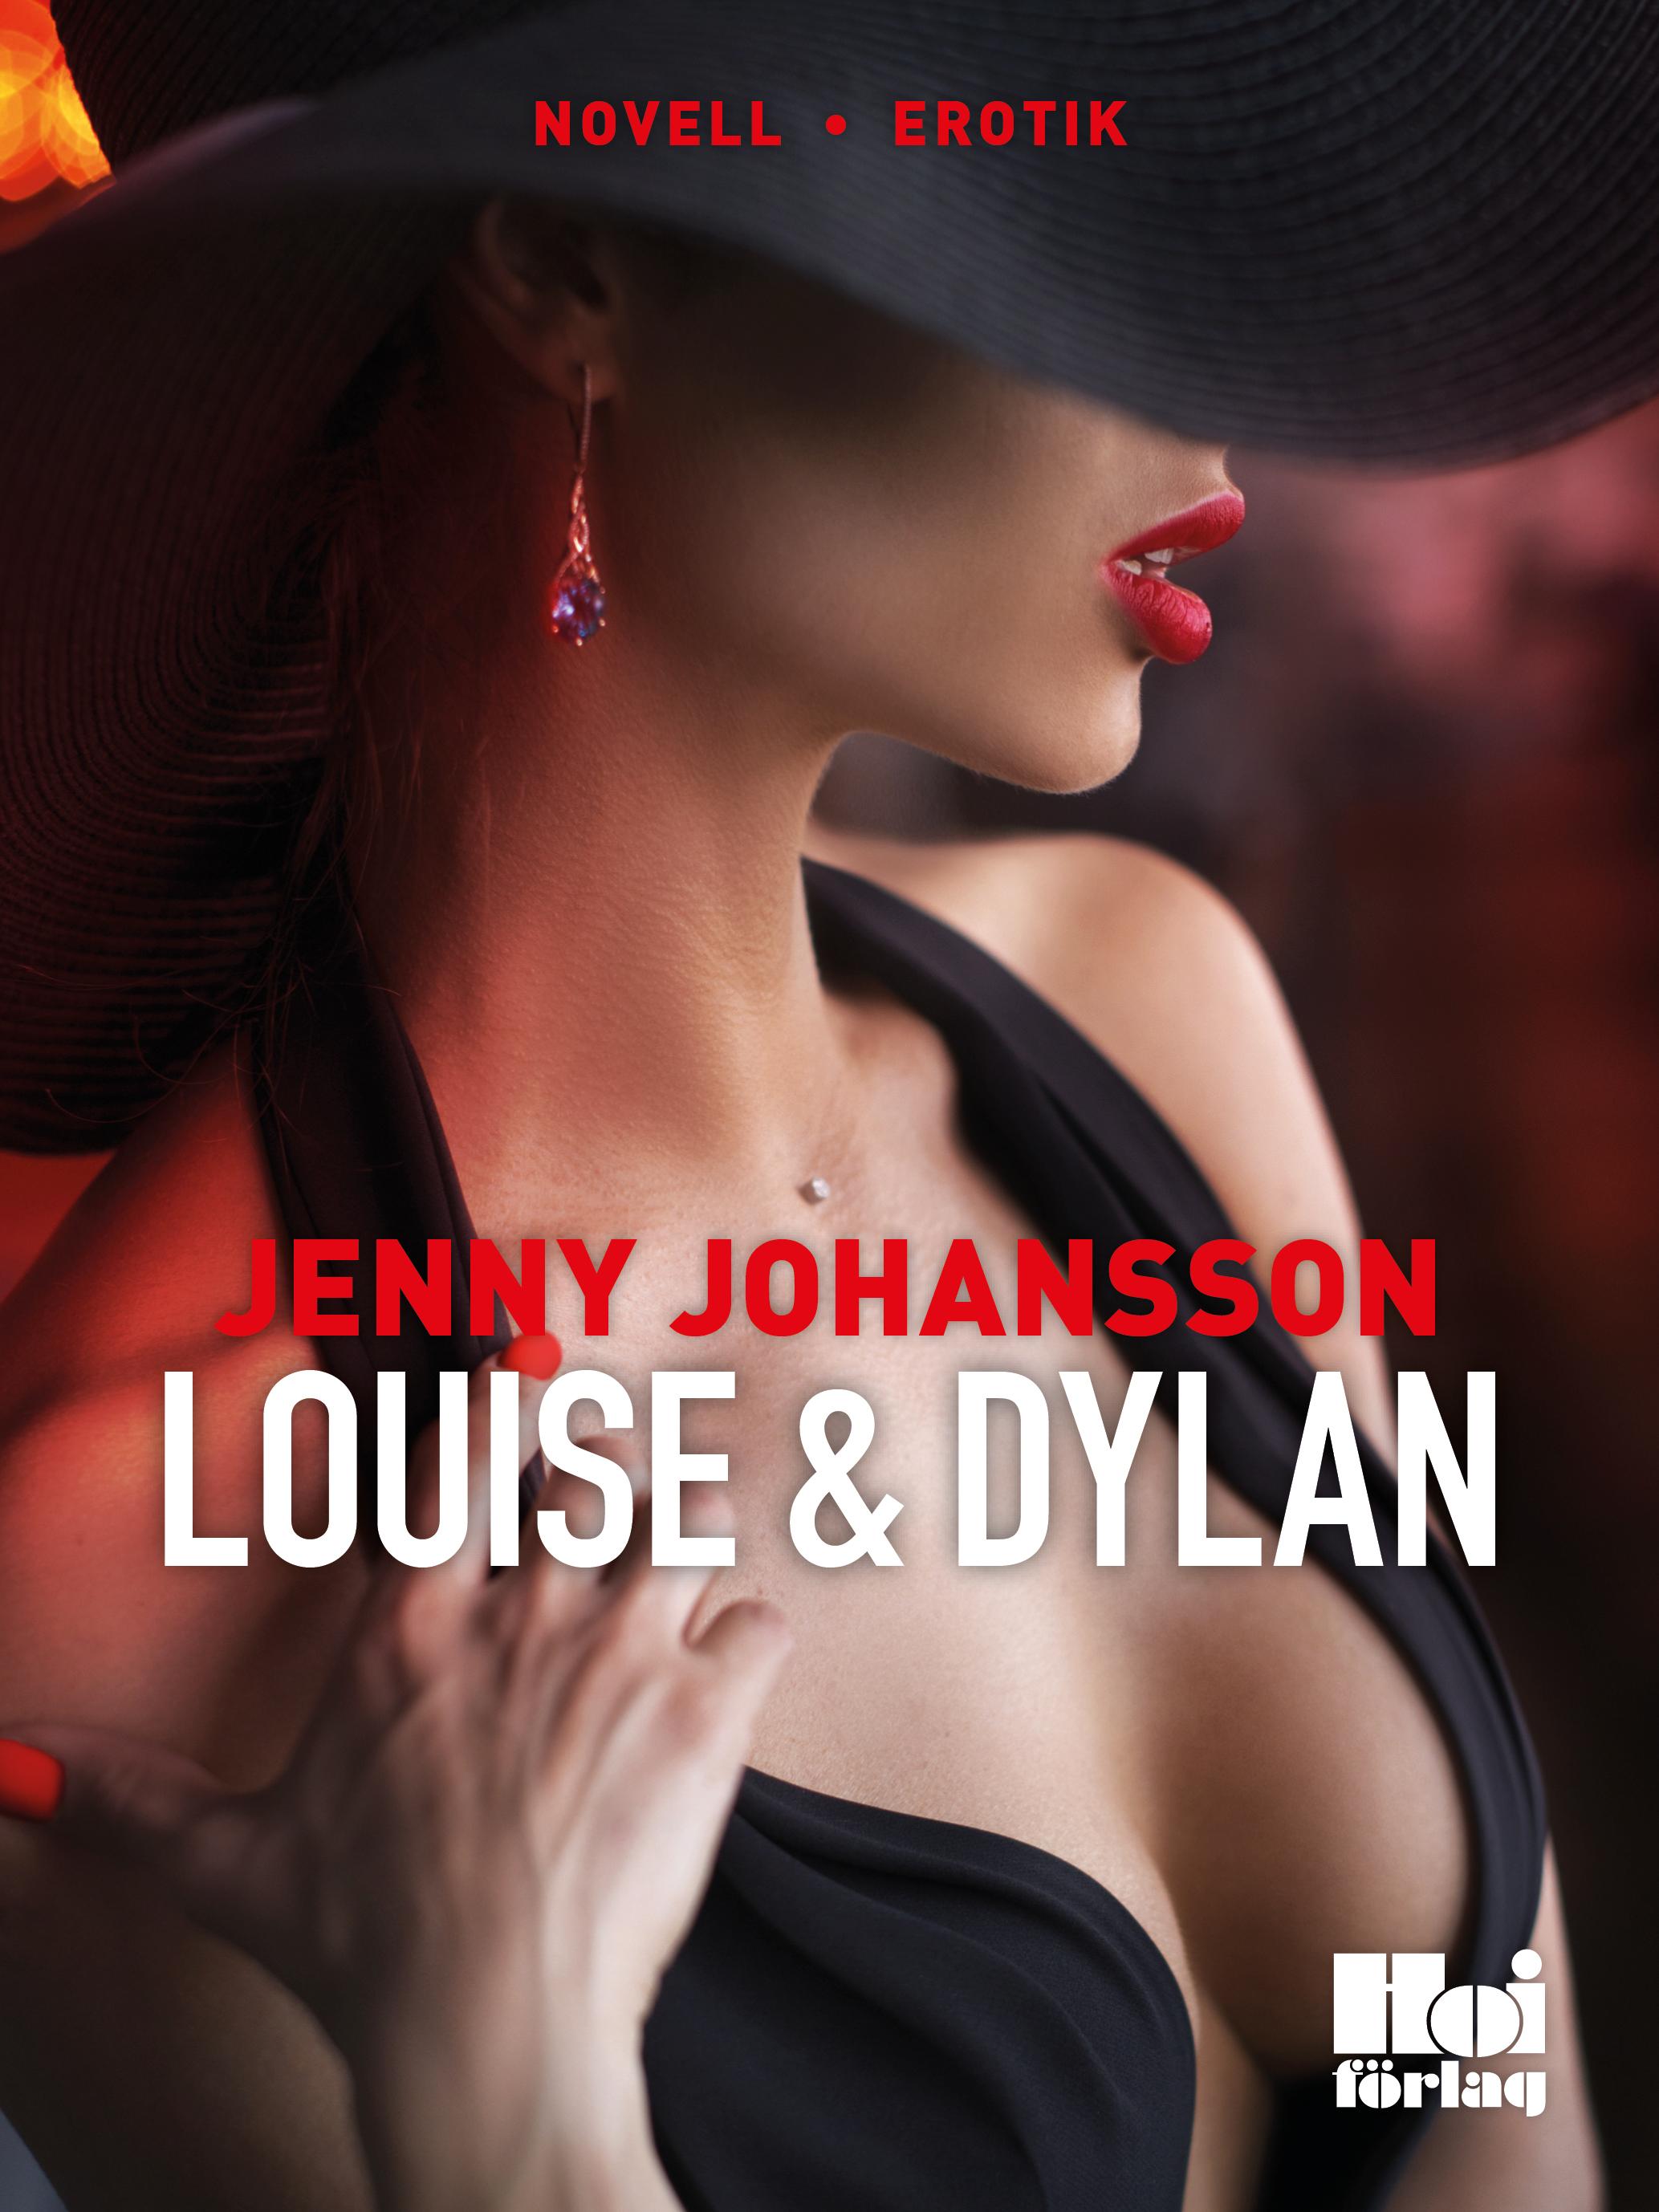 Louise & Dylan